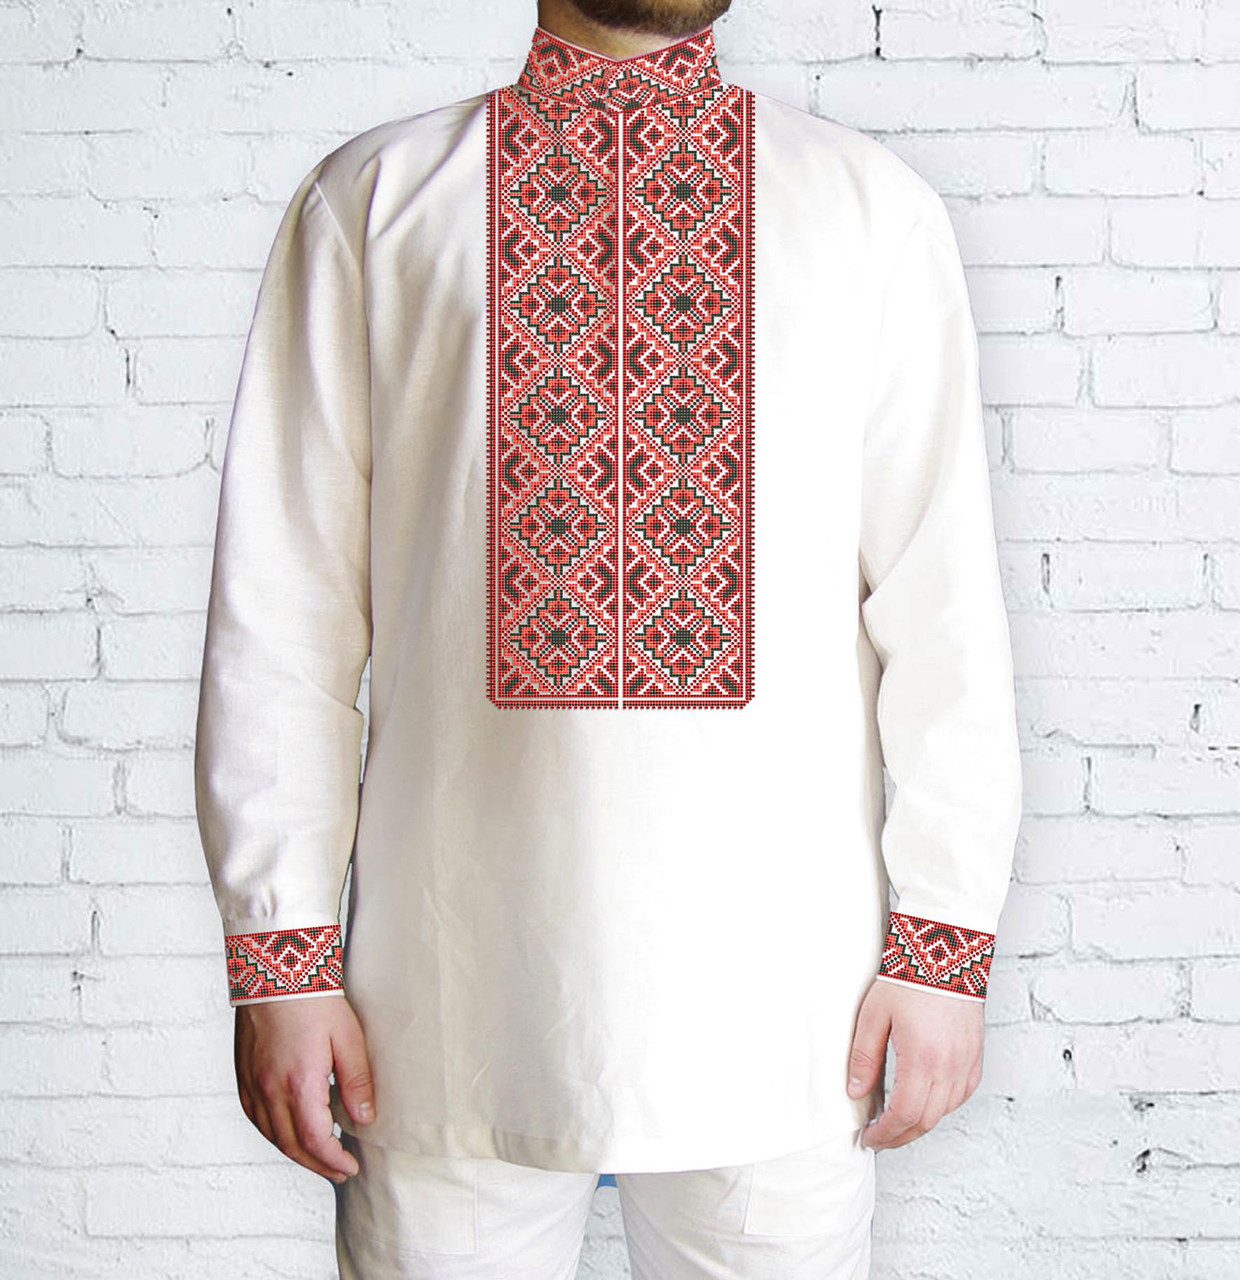 Заготовка чоловічої сорочки та вишиванки для вишивки чи вишивання бісером Бисерок «Ромби червоні 508Ч» (Ч-508 Ч )